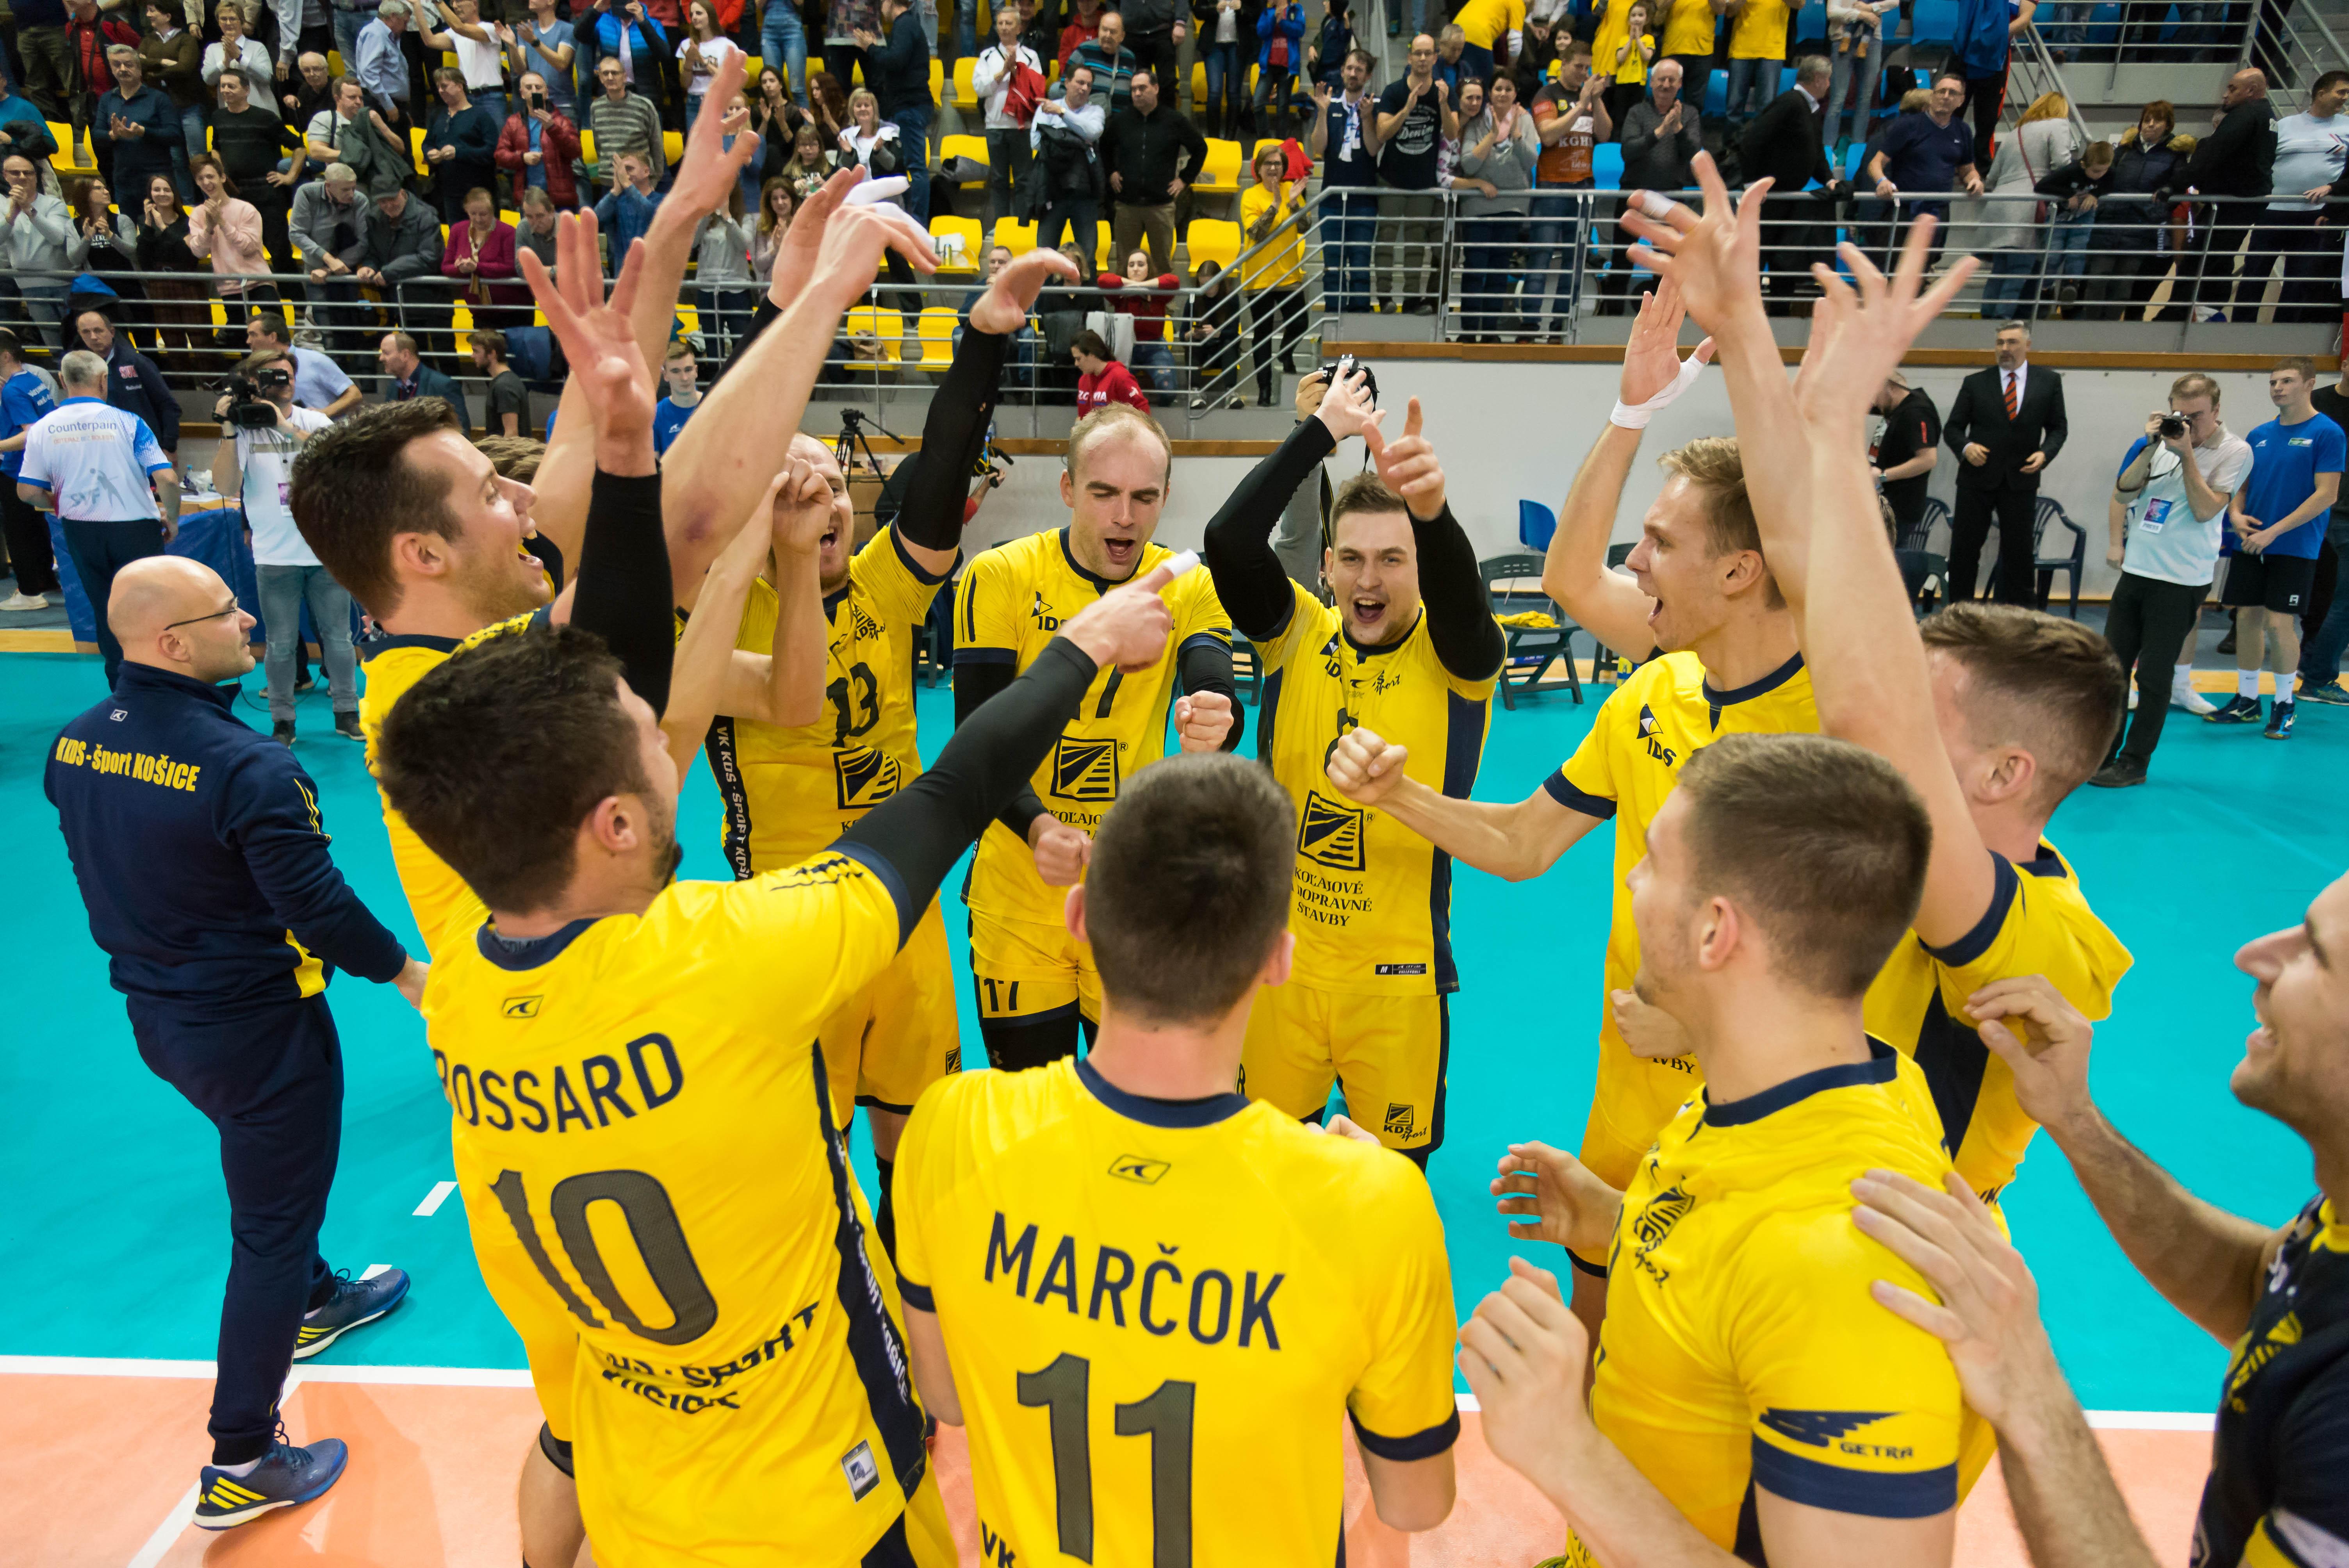 Košice získali prvý SP v histórii. Vo finále zdolali v derby Prešov v krásnom zápase 3:2. FOTO: Lukáš Jaseňák.